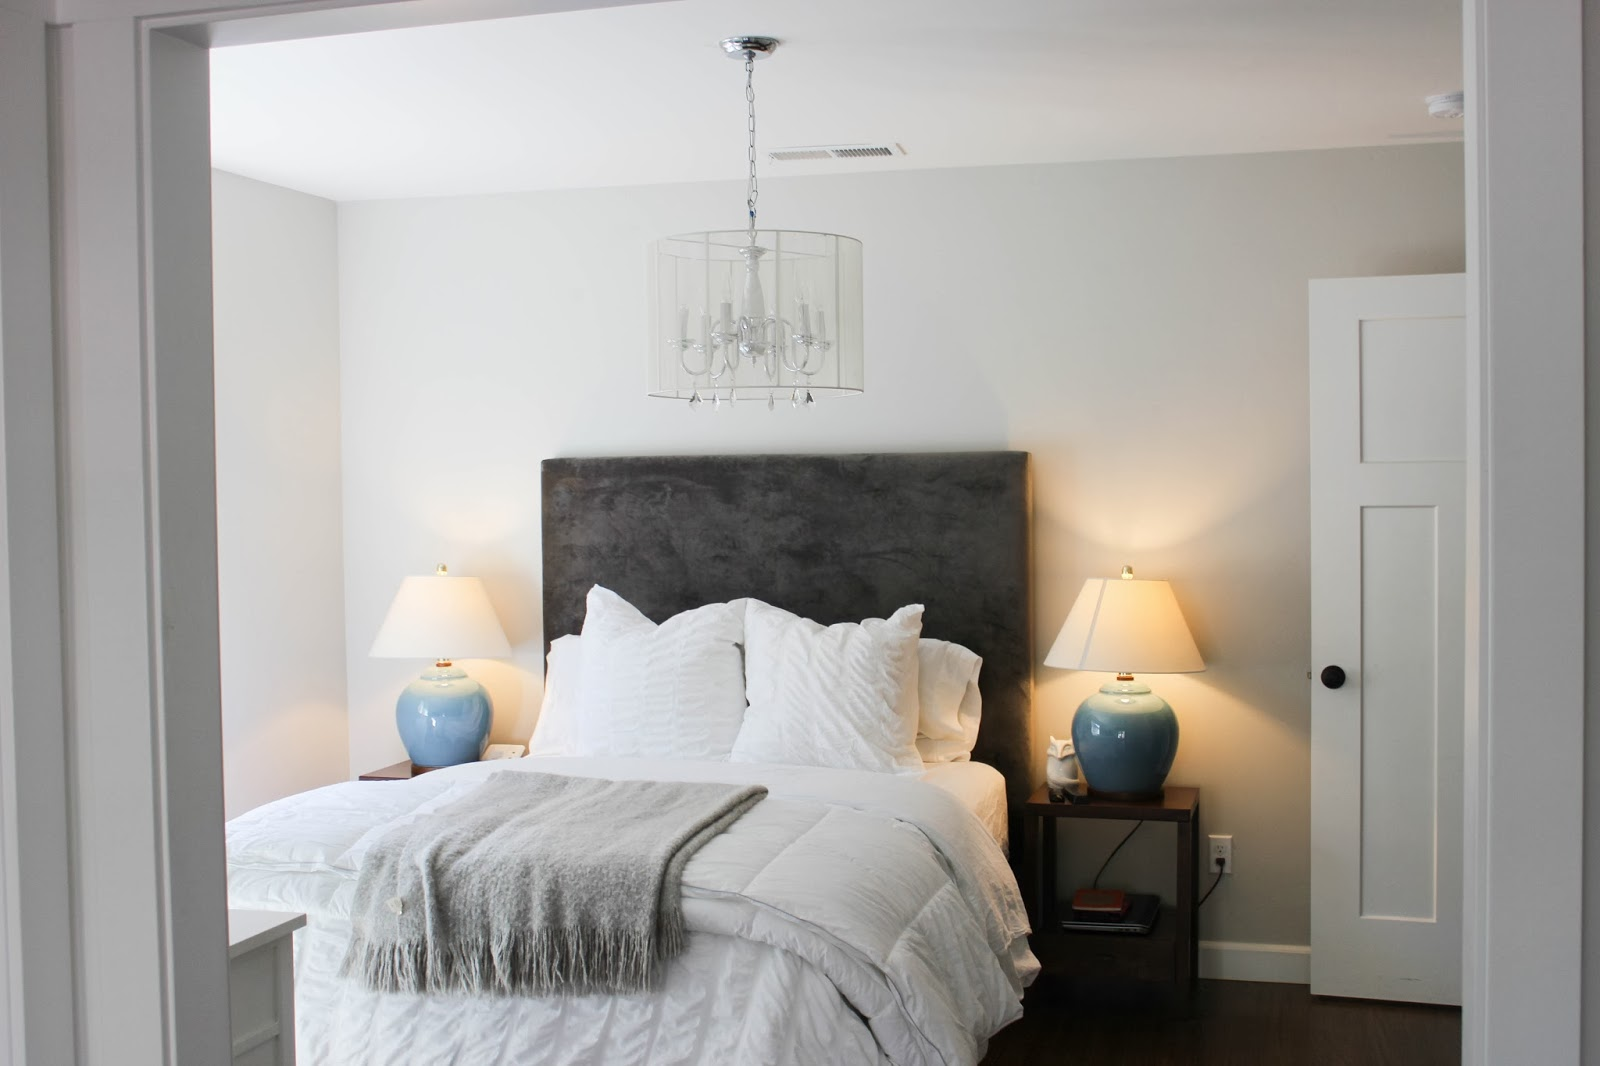 Lampe Za Spavaće Sobe Kako Izabrati Najbolju I Gdje Je